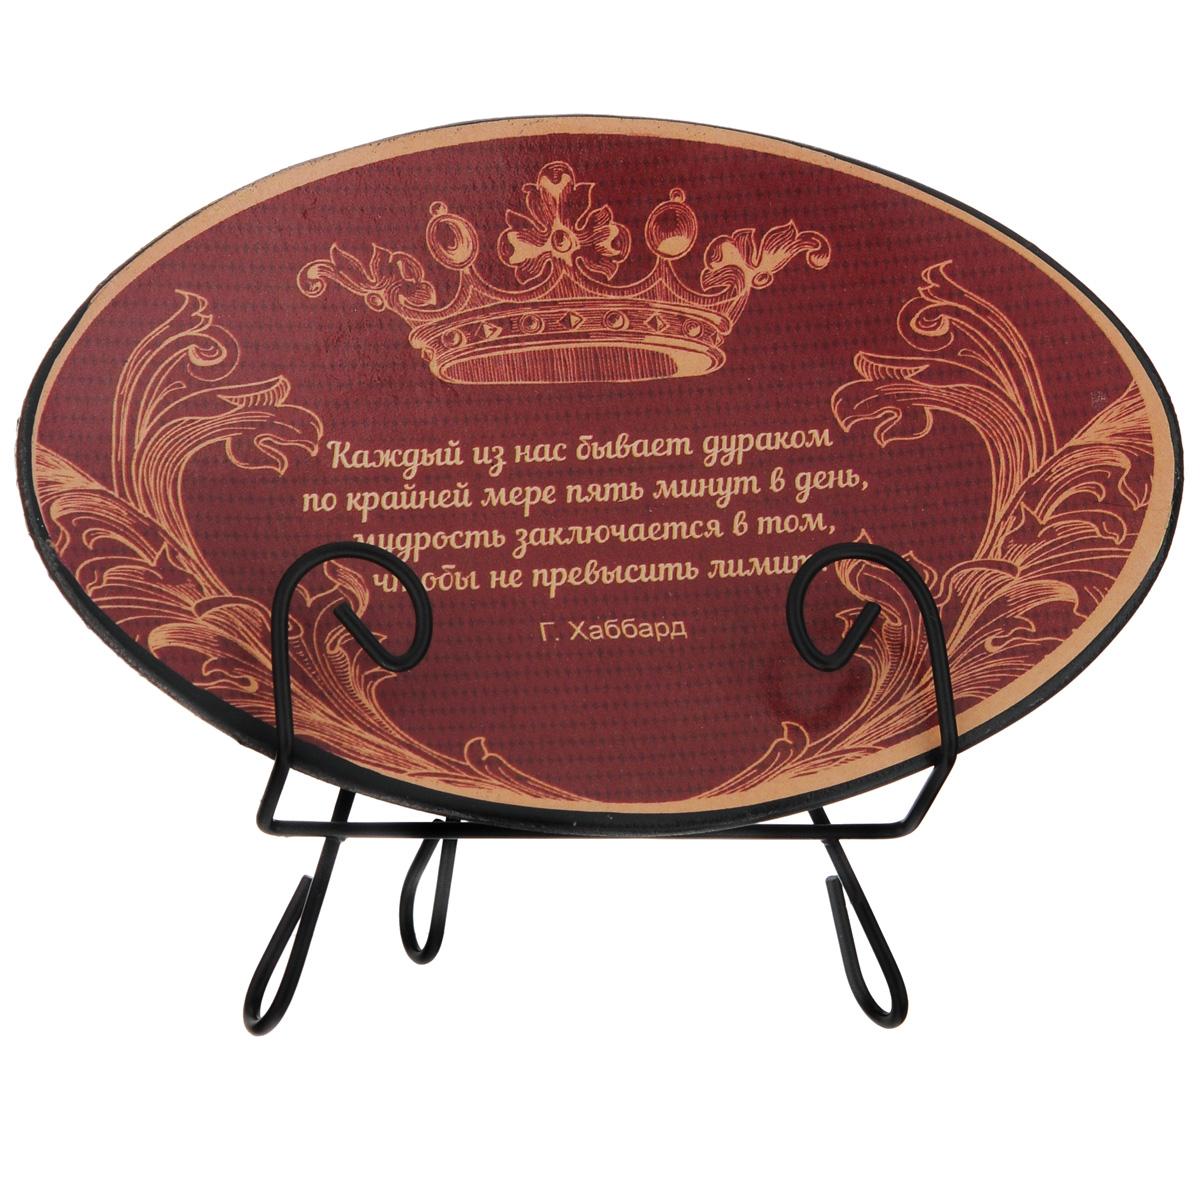 Тарелка декоративная Г. Хаббард, на подставке, 15 см х 10 см36243Декоративная тарелка на подставке станет прекрасным дополнением к декору практически любого помещения, будь то кухня, столовая, гостиная, холл или рабочий кабинет. Тарелка выполнена из доломитовой керамики, подставка в виде треноги,благодаря которой сувенир удобно и быстро располагается на любой горизонтальной поверхности, - из черного металла. Поверхность декорирована изображением короны, а также цитатой Г.Хаббарда: Каждый из нас бывает дураком по крайней мере пять минут в день, мудрость заключается в том, чтобы не превысить лимит. Очаровательная декоративная тарелка - замечательный подарок друзьям и близким людям. Размер тарелки (без подставки): 15,2 см х 10 см х 1,5 см. Размер сувенира с подставкой: 15,2 см х 8 см х 12 см.